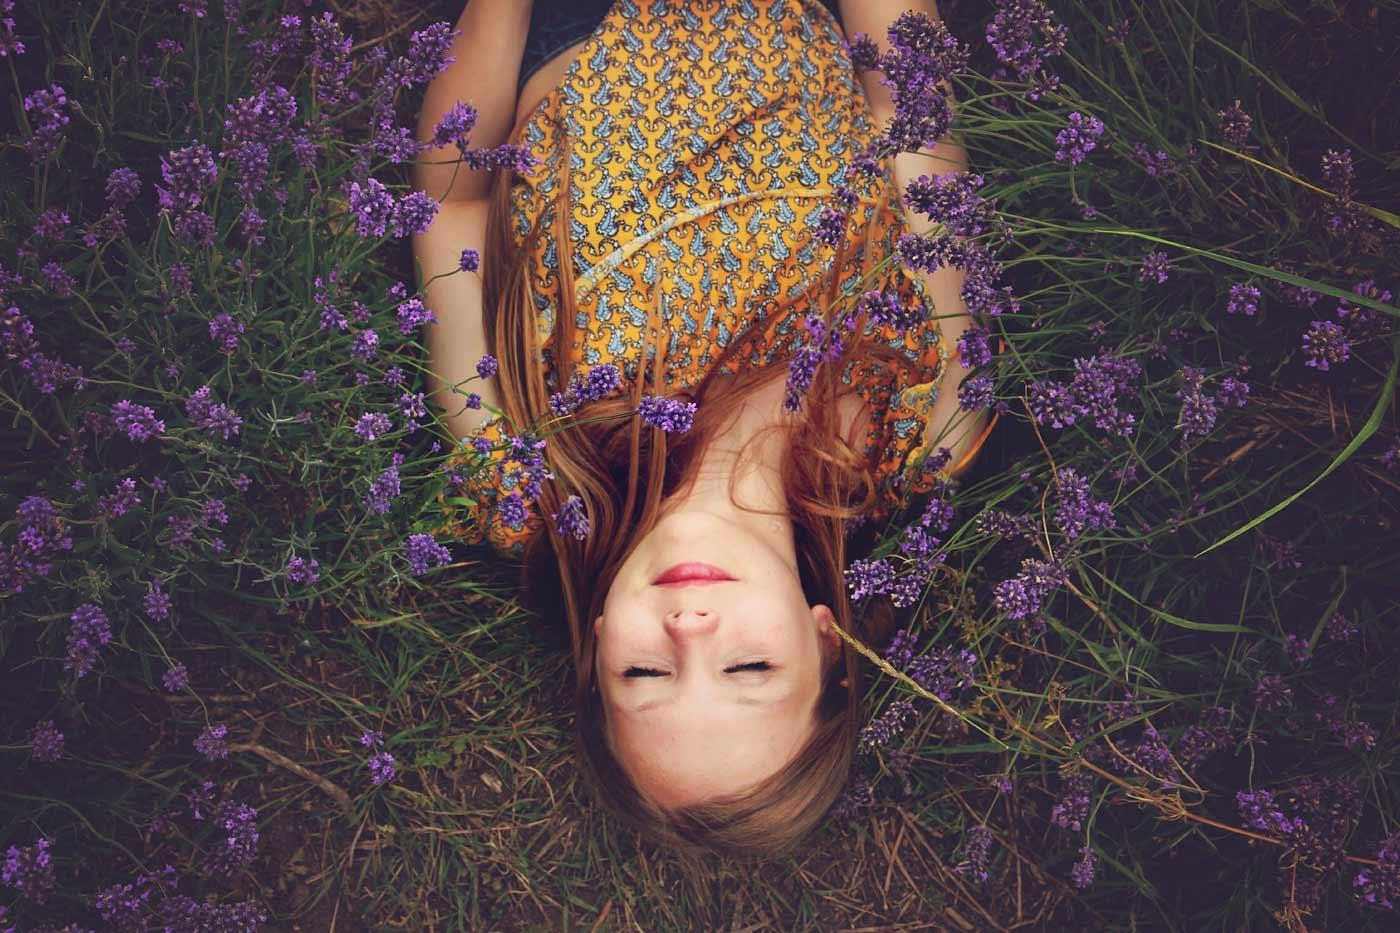 Kobieta leżąca na łące wśród kwiatów